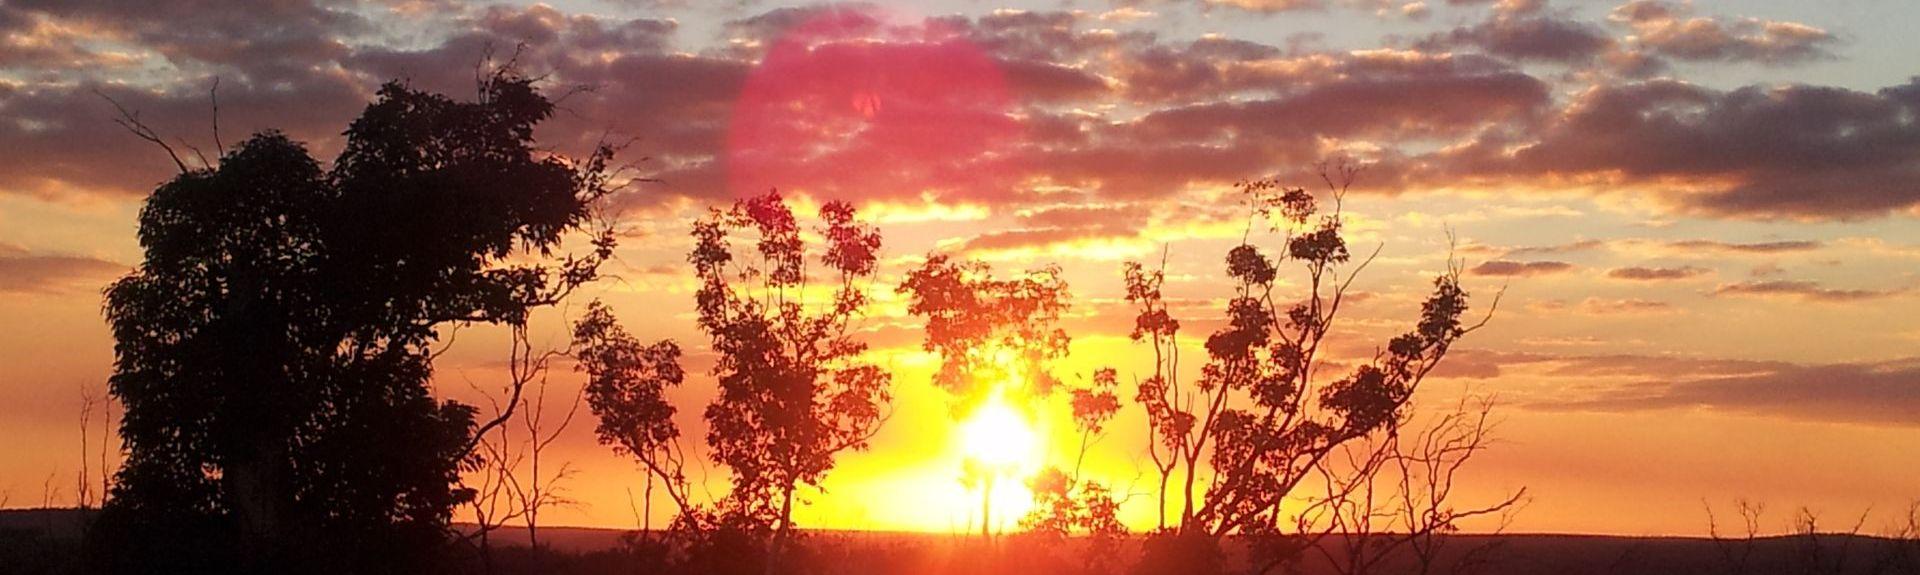 Northam, Australia Occidental, Australia